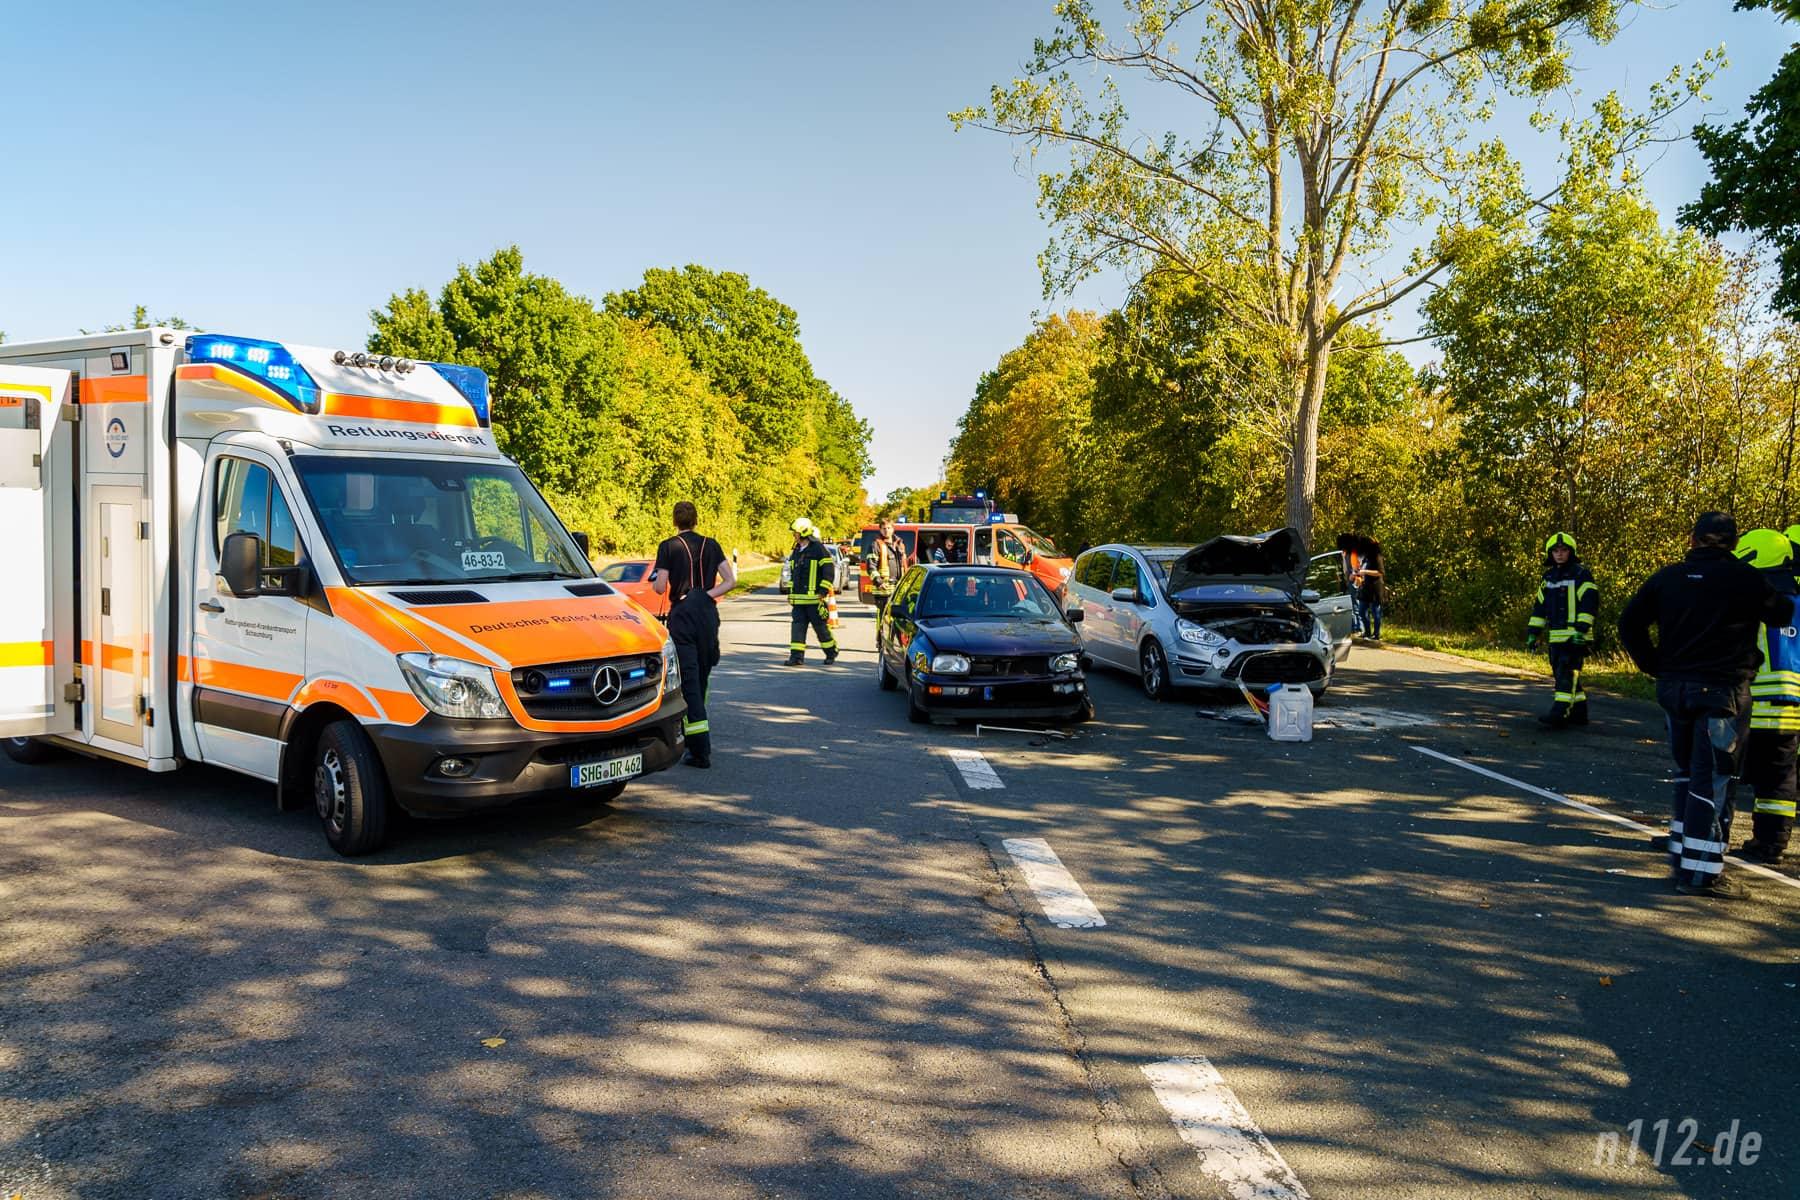 Der Rettungswagen aus Stadthagen ist an der Unfallstelle eingetroffen (Foto: n112.de/Stefan Simonsen)